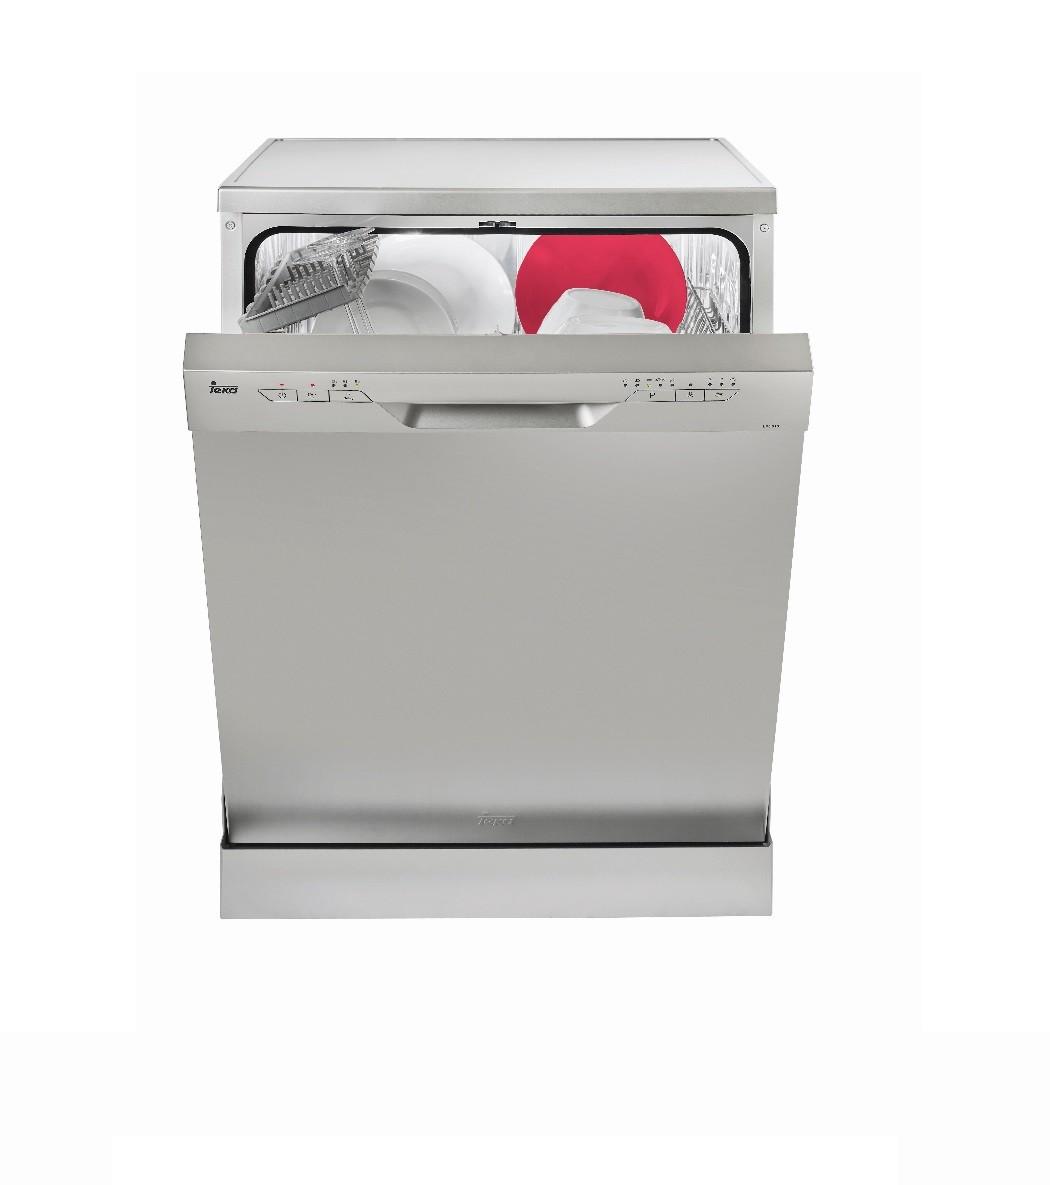 Teka LP8 810 Ελεύθερο Πλυντήριο Πιάτων 60cm